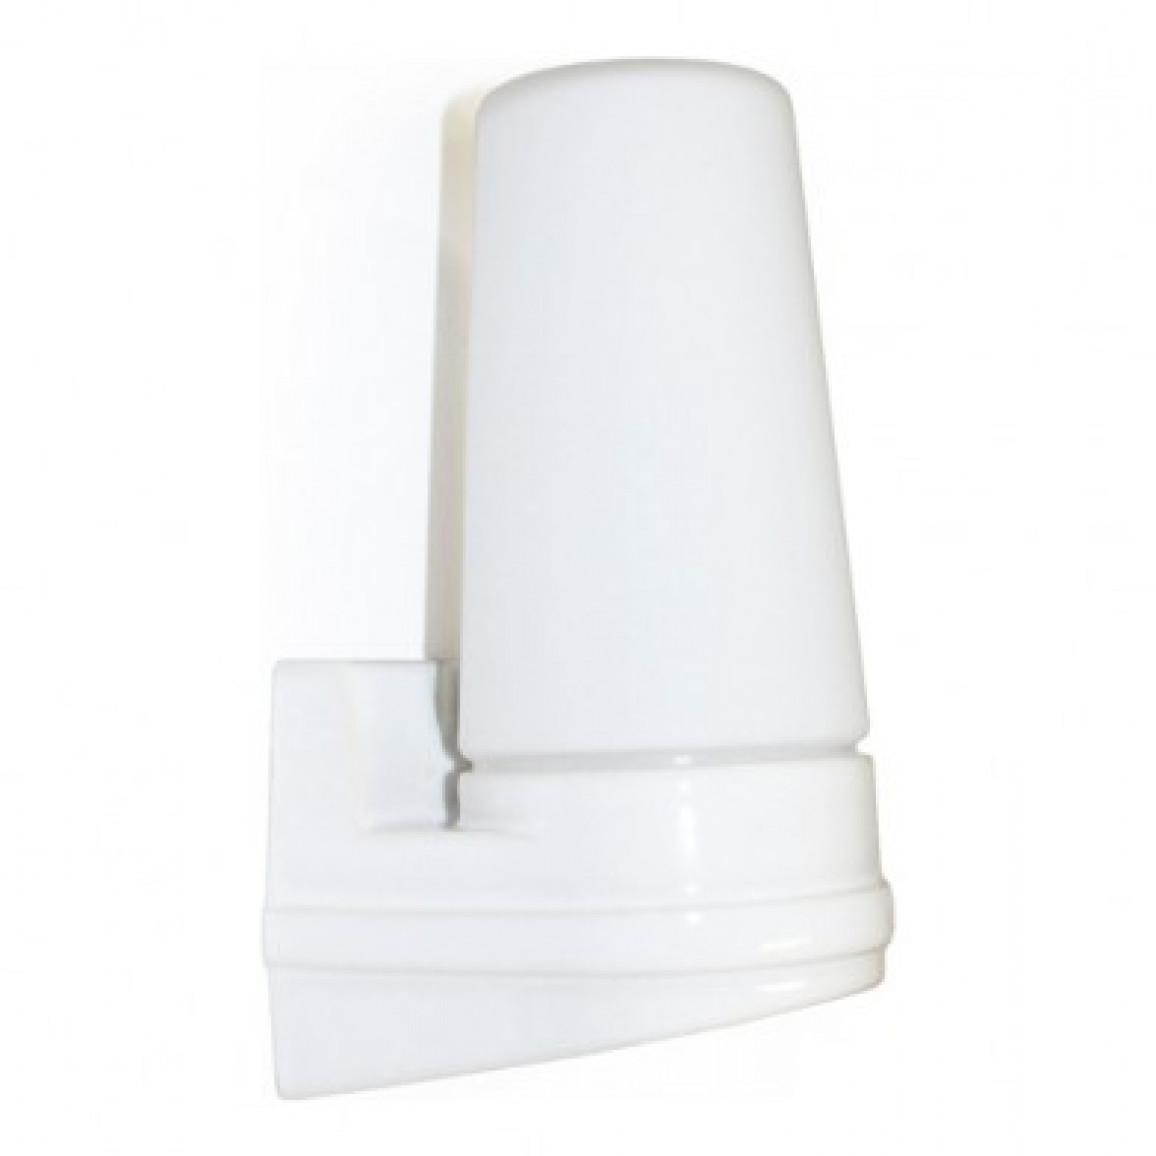 Светильник Маяк-1 для сауны и бани (405)